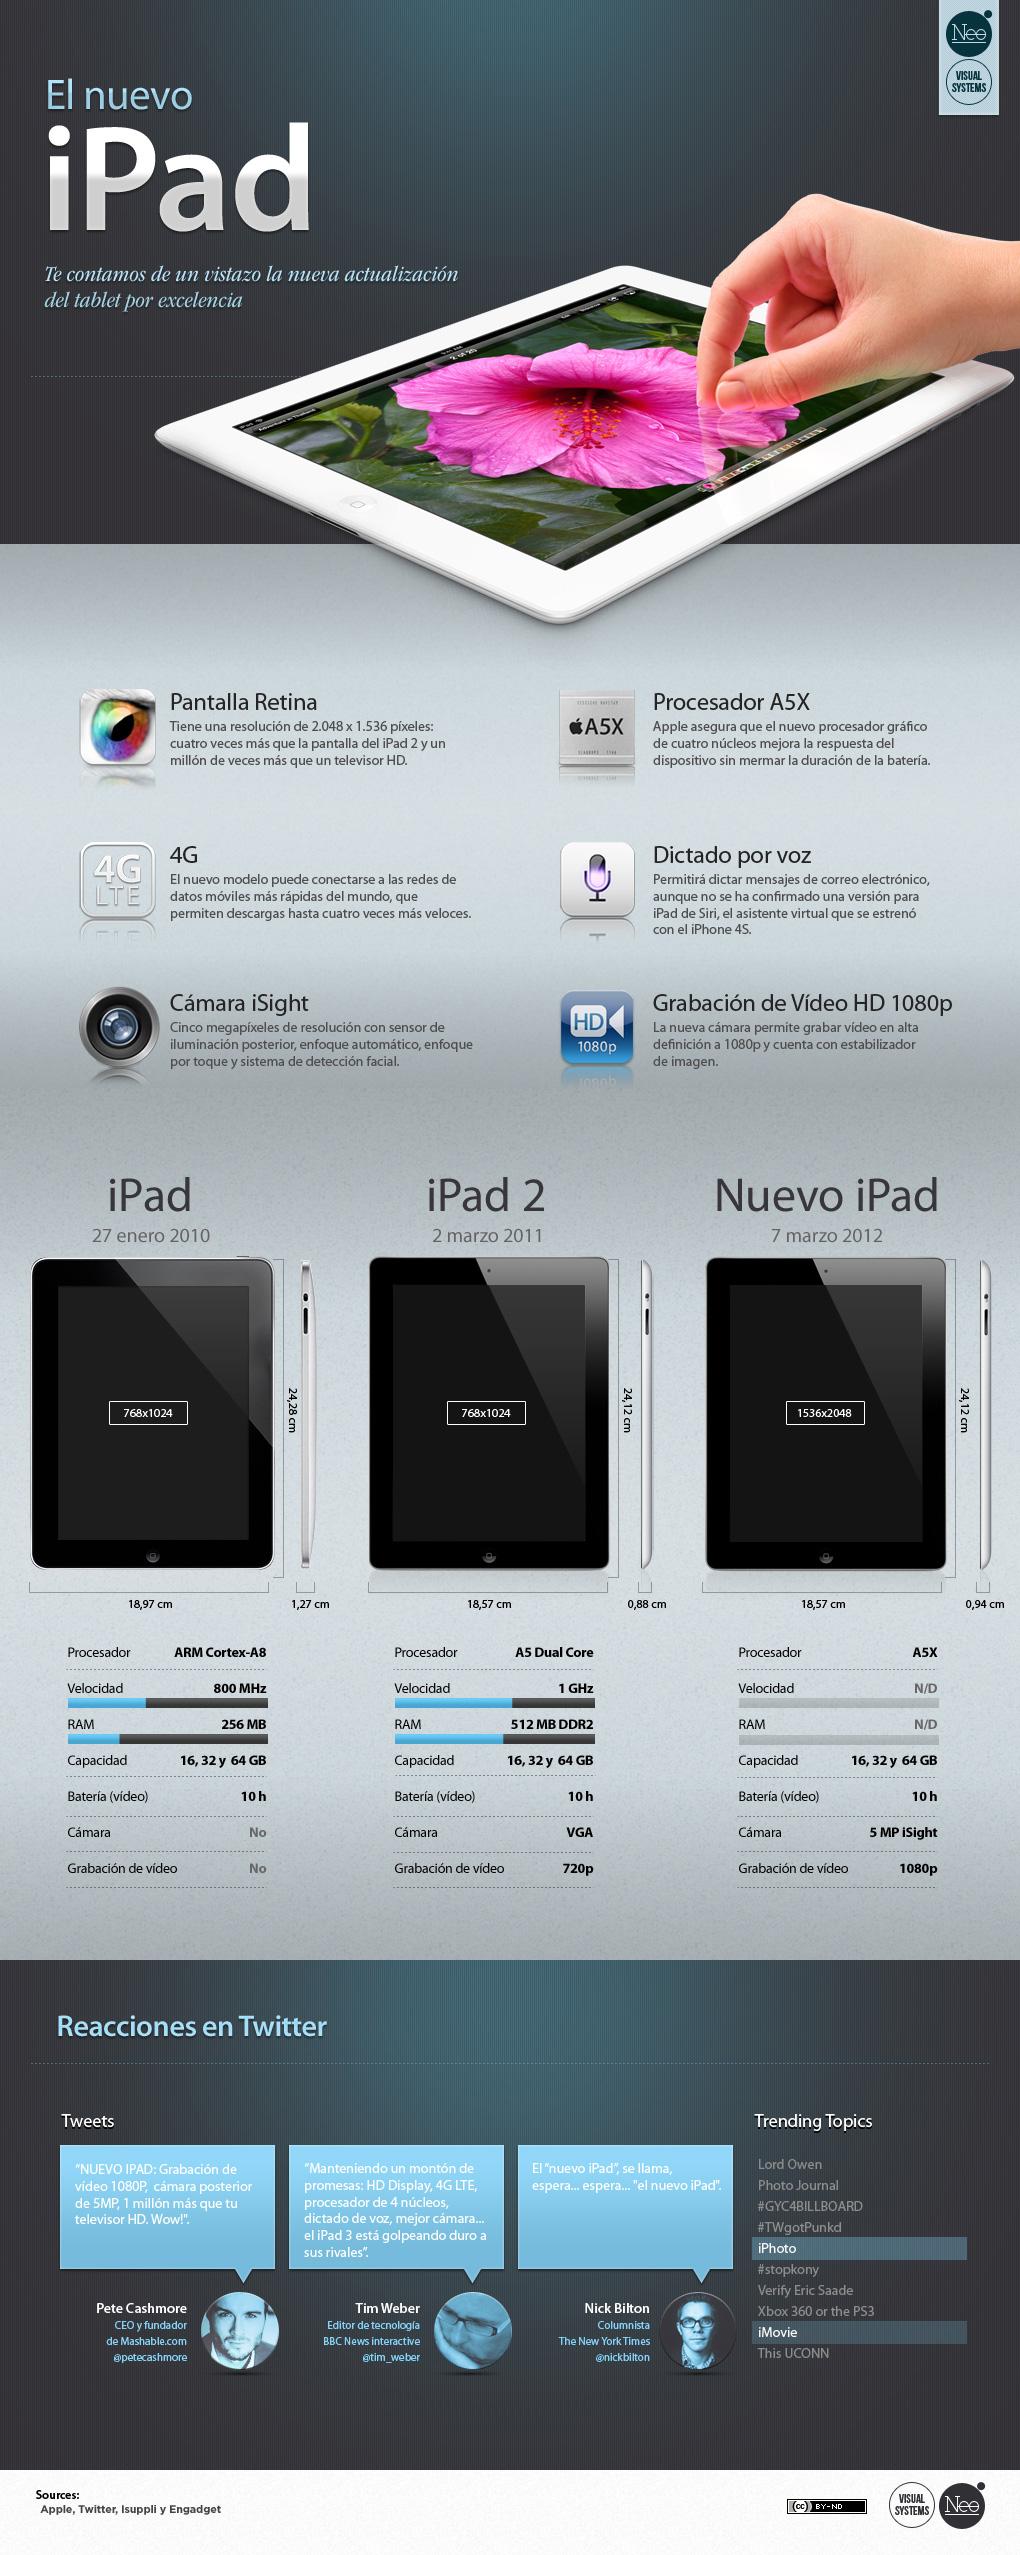 Nuevo iPad 3 generación características